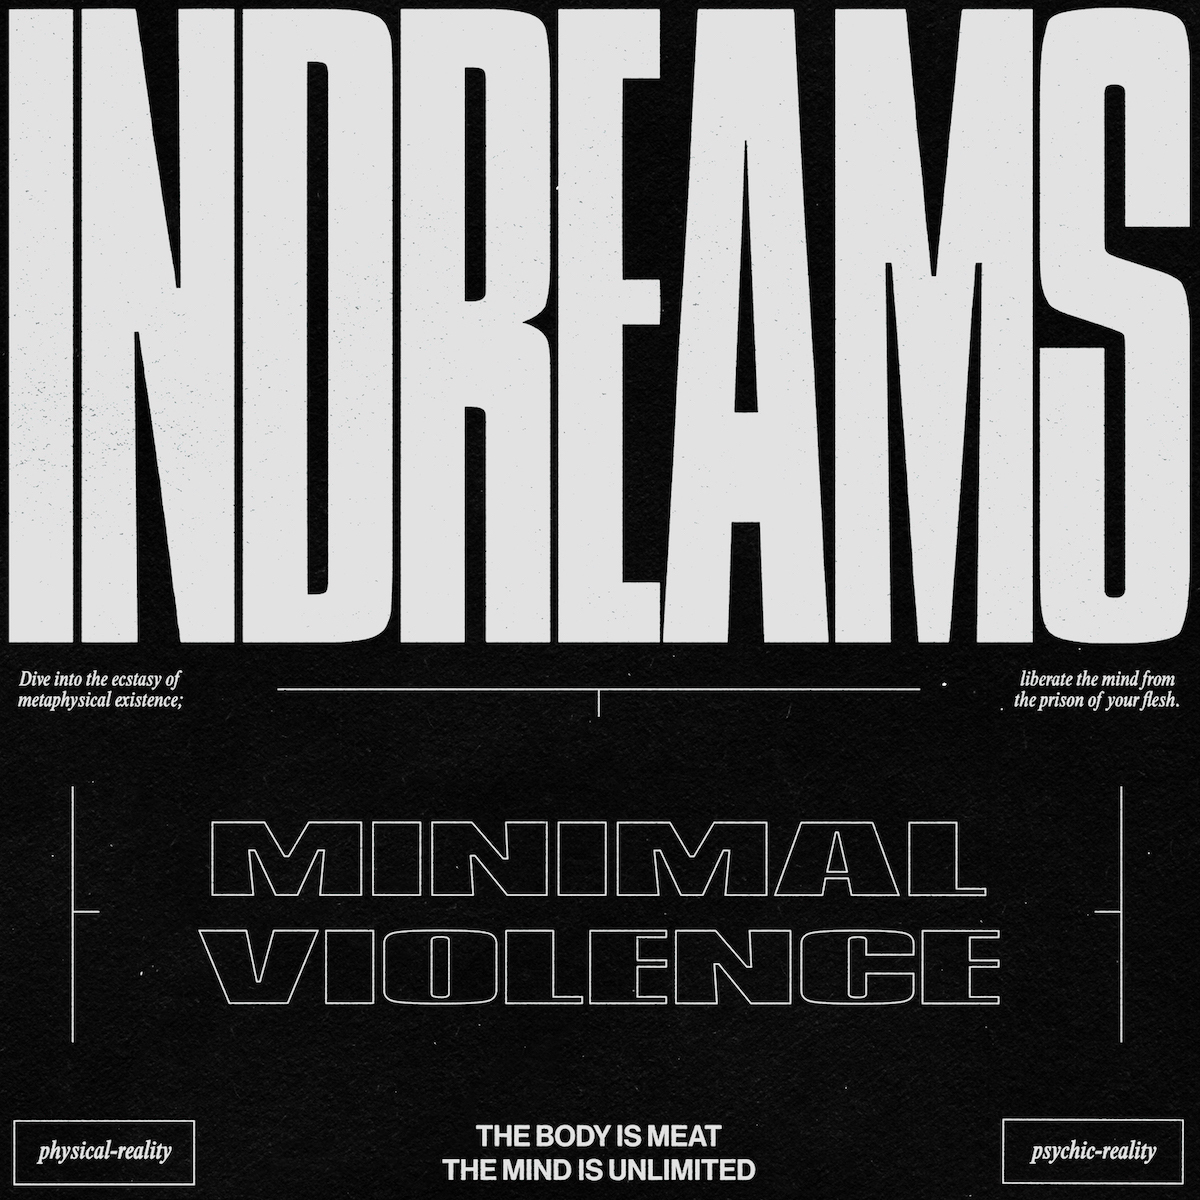 Minimal Violence - In Dreams (LTD. White LP)